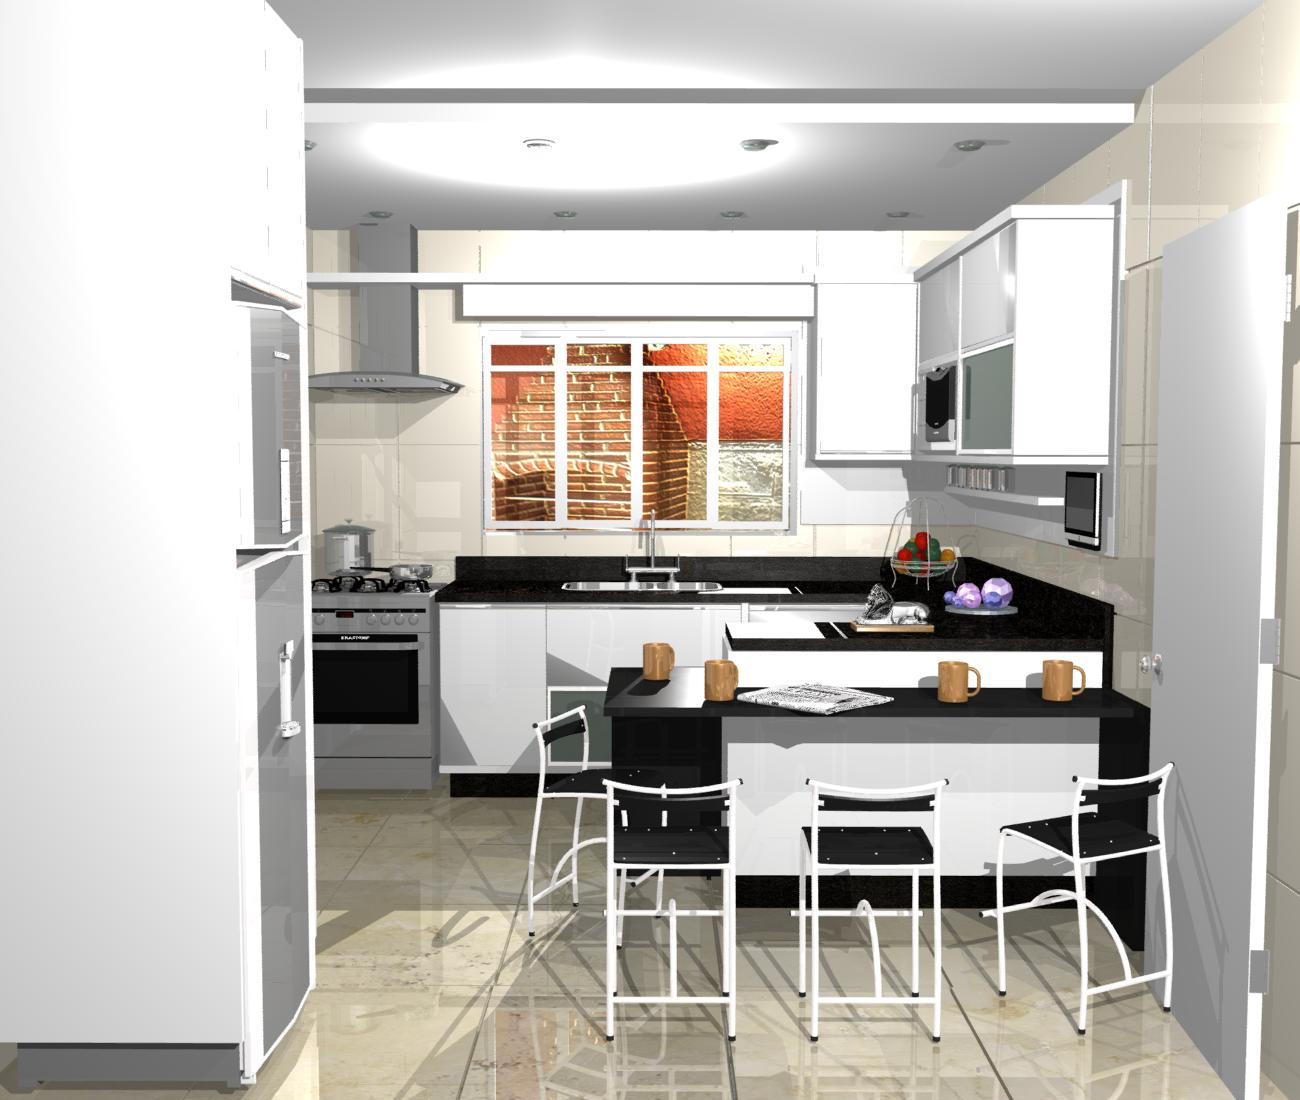 para cozinhas cozinhas planejadas dellano dellano cozinhas planejadas #A74124 1300 1100